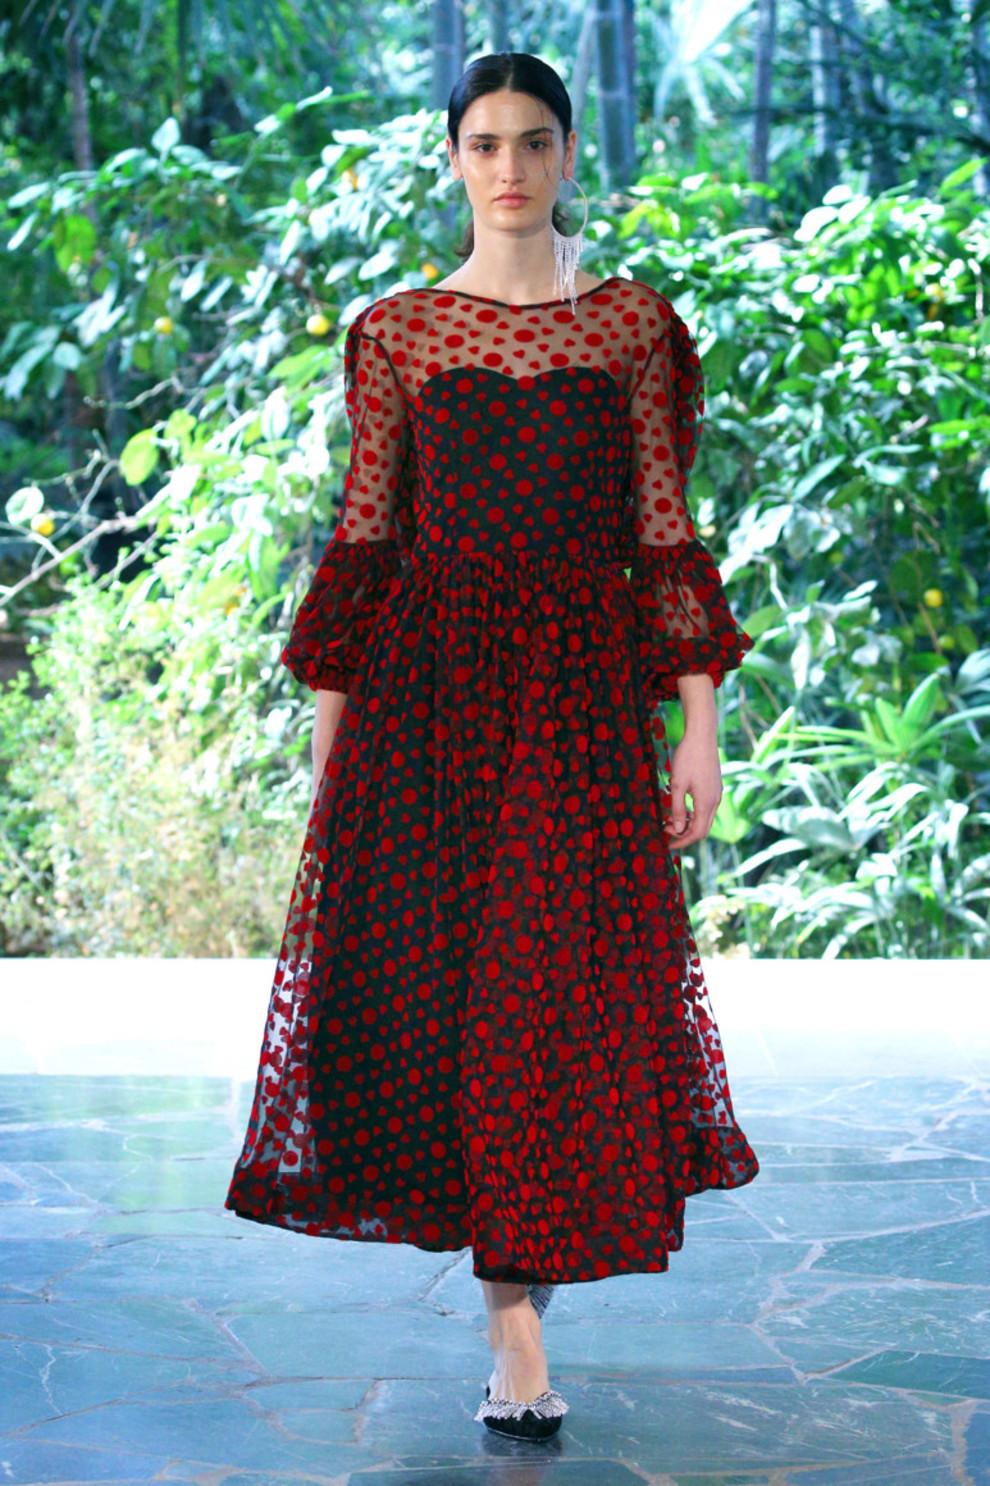 Модные летние платья 2019, самые интересные модели. 118 фото новые фото